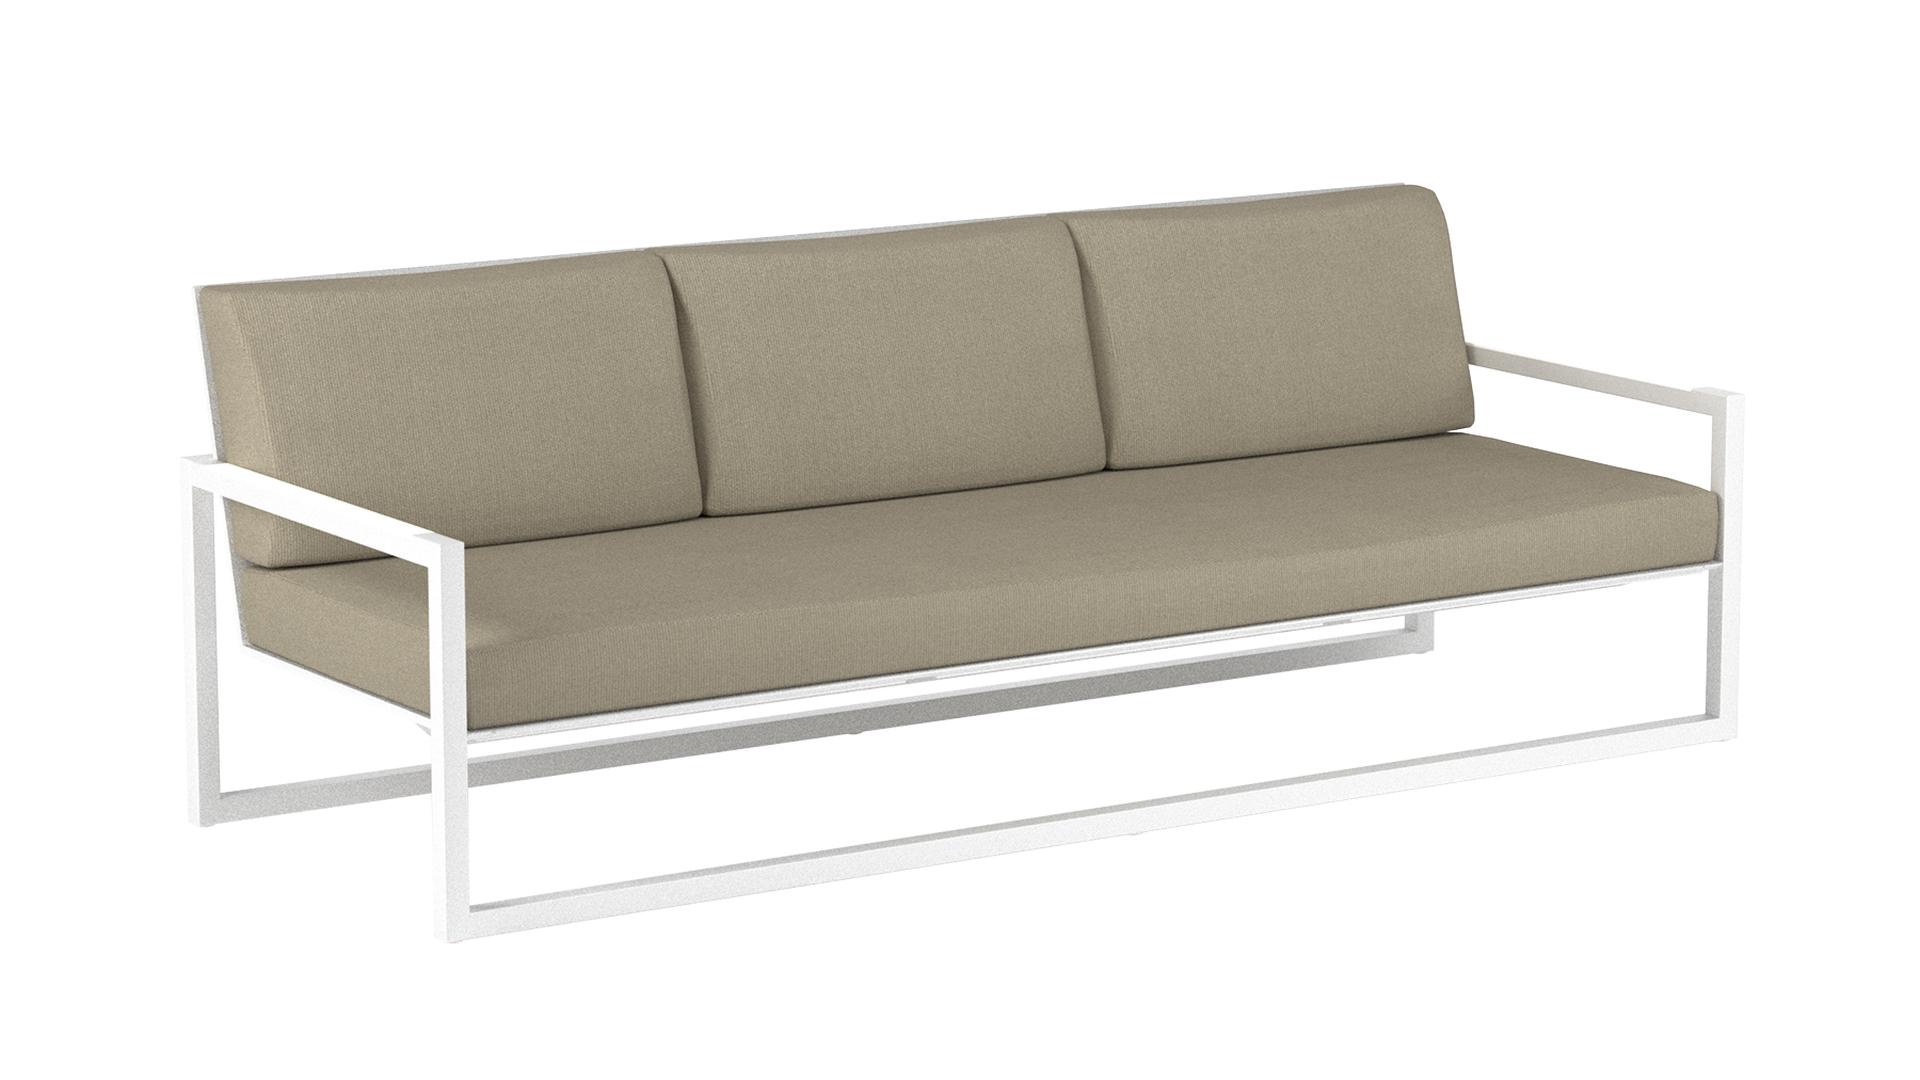 ninix Lounge 240 bench white royal botania.jpg